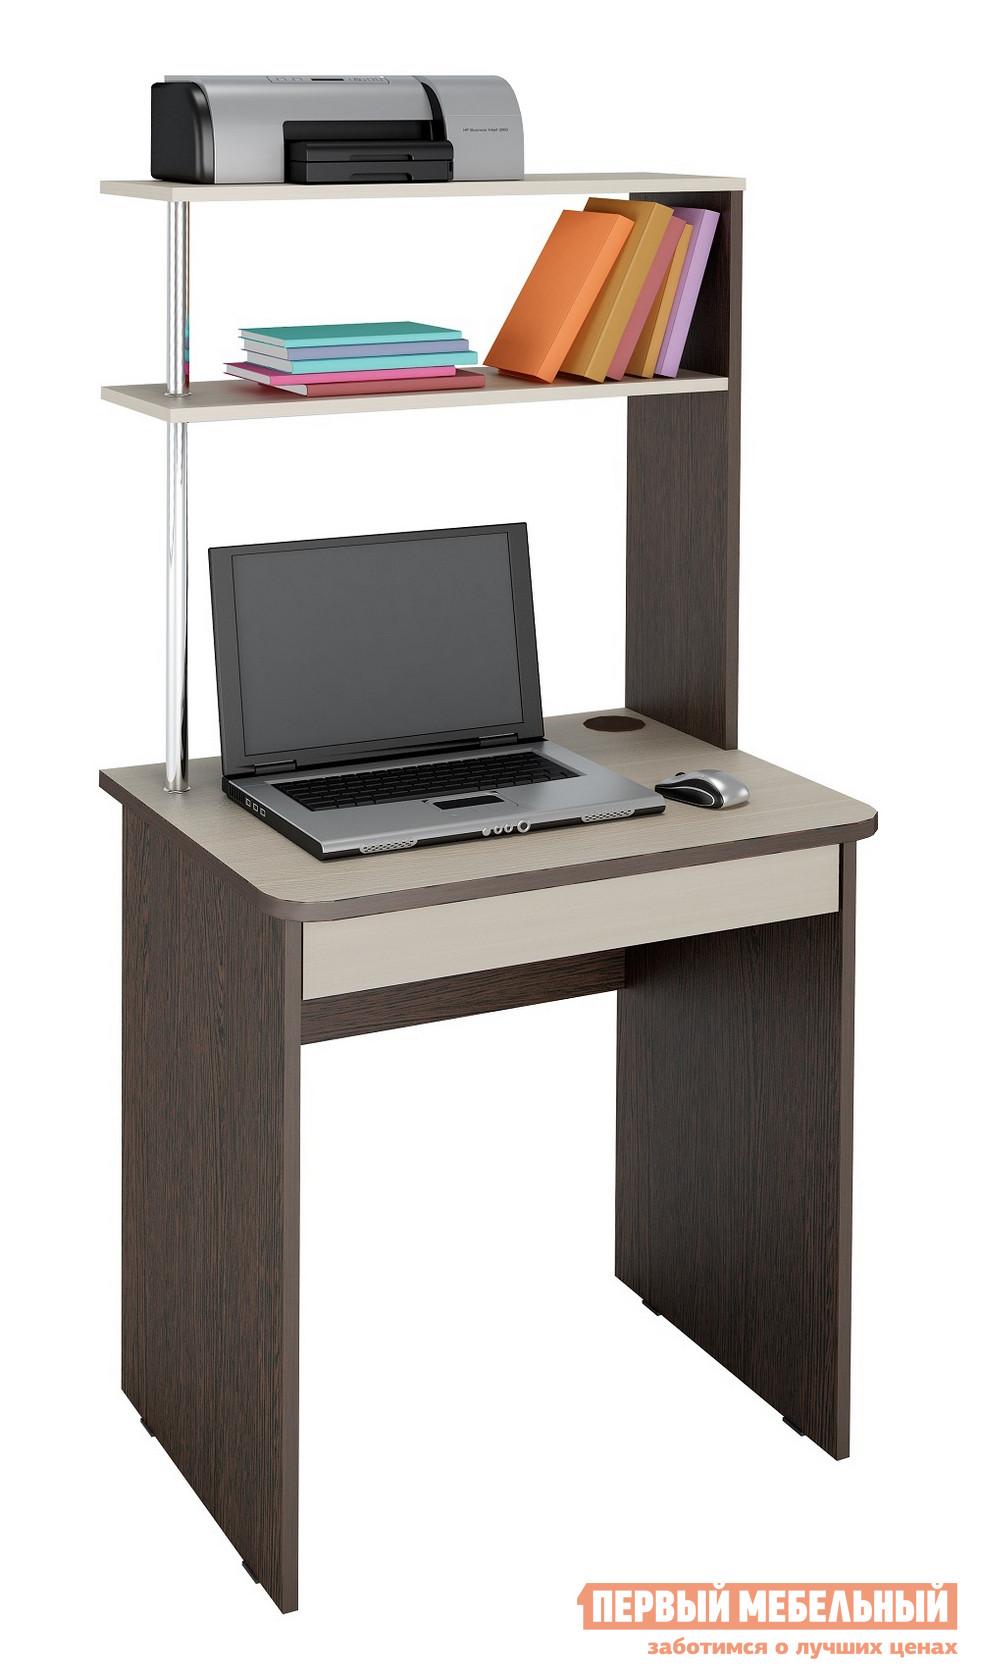 Компьютерный стол Витра Фортуна-37 Венге / Дуб КобургКомпьютерные столы<br>Габаритные размеры ВхШхГ 1500x680x530 мм. Современный компактный компьютерный стол поможет создать рабочий уголок. Надстройка позволяет разместить небольшой принтер, книги и тетради.  Размер верхней полки: 676 Х 230 мм, нижней: 658 Х 222 мм. Под столом есть выдвижная ниша с внутренним размером 547 х 400 мм.  В ней без труда разместят документы формата А4 и канцелярские мелочи. Легкость конструкции придает металлическая стоевая с глянцевым покрытием.  Ножки регулируются по высоте. Изделие изготавливается ил ЛДСП 22 мм и 16 мм.  Края обработаны кантом ПВХ 2 мм и 0,4 мм. Обратите внимание! Для получения гарантийного обслуживания мебели фабрики «Витра» необходимо обязательно сохранять гарантийный талон и сборочный чертеж до окончания гарантийного срока на приобретенную мебель (срок указан в гарантийном талоне).<br><br>Цвет: Венге / Дуб Кобург<br>Цвет: Темное-cветлое дерево<br>Высота мм: 1500<br>Ширина мм: 680<br>Глубина мм: 530<br>Кол-во упаковок: 1<br>Форма поставки: В разобранном виде<br>Срок гарантии: 5 лет<br>Тип: Прямые<br>Материал: Деревянные, из ЛДСП<br>Размер: Маленькие<br>Особенности: С надстройкой, С полками